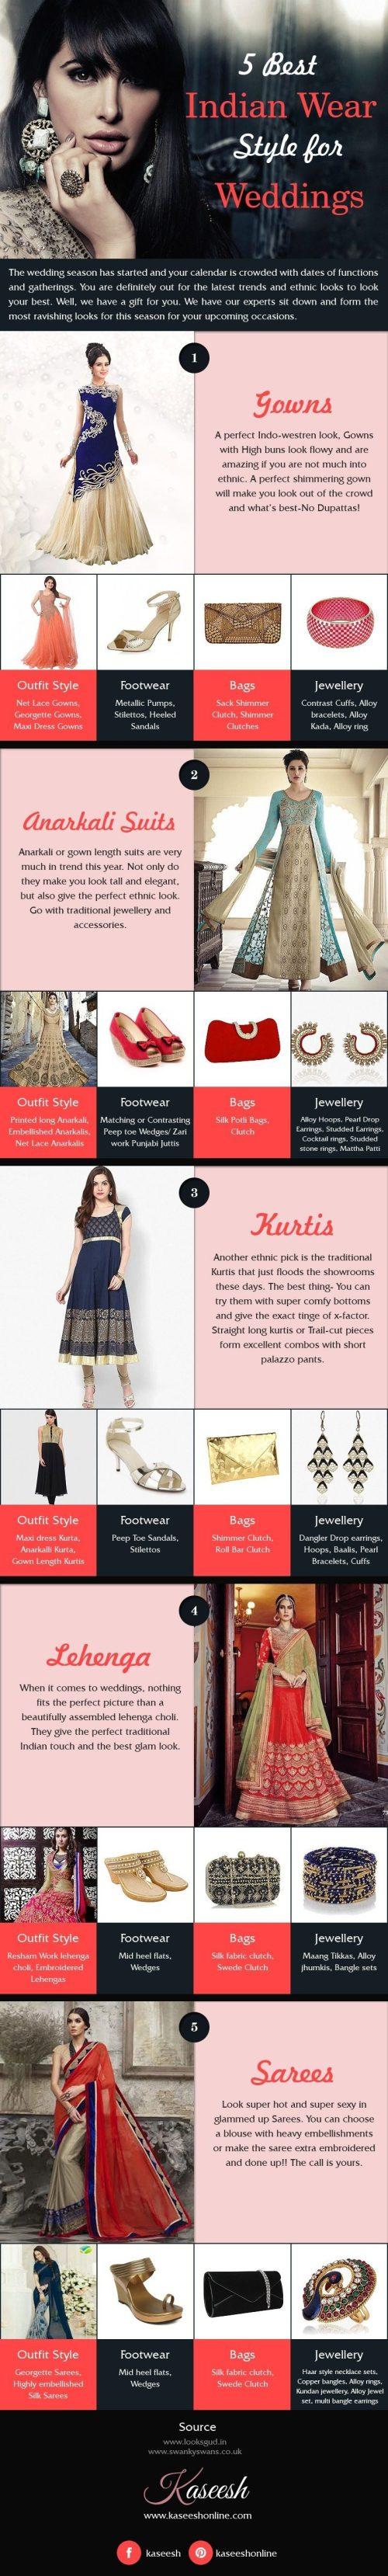 5 Best Indian Wear Style for Weddings